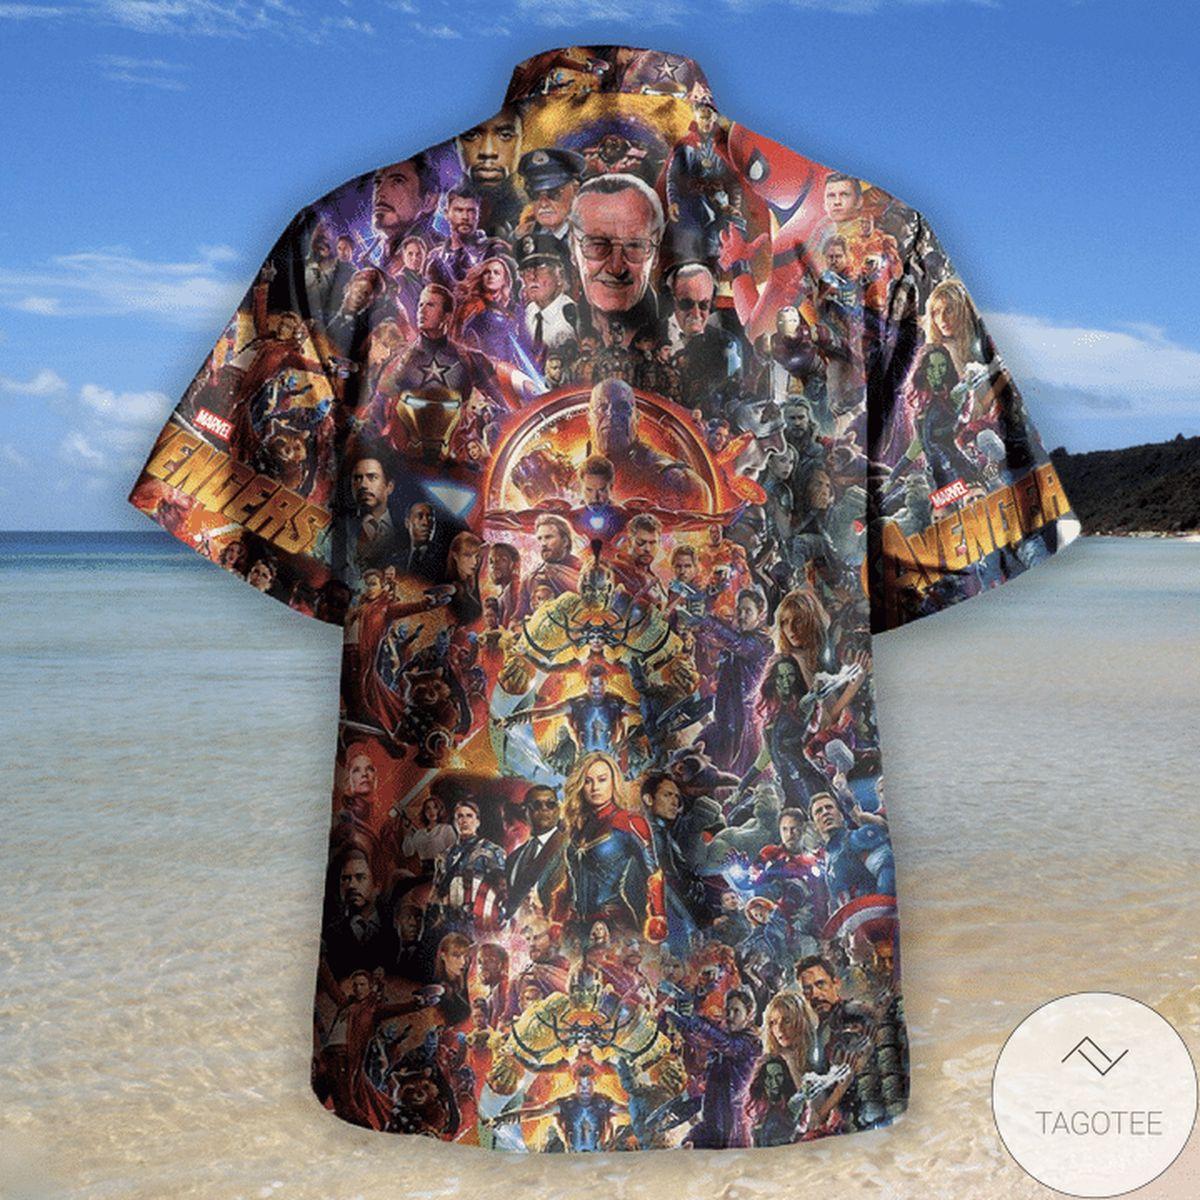 Awesome Avengers I Love You 3000 Unisex Hawaiian Shirt